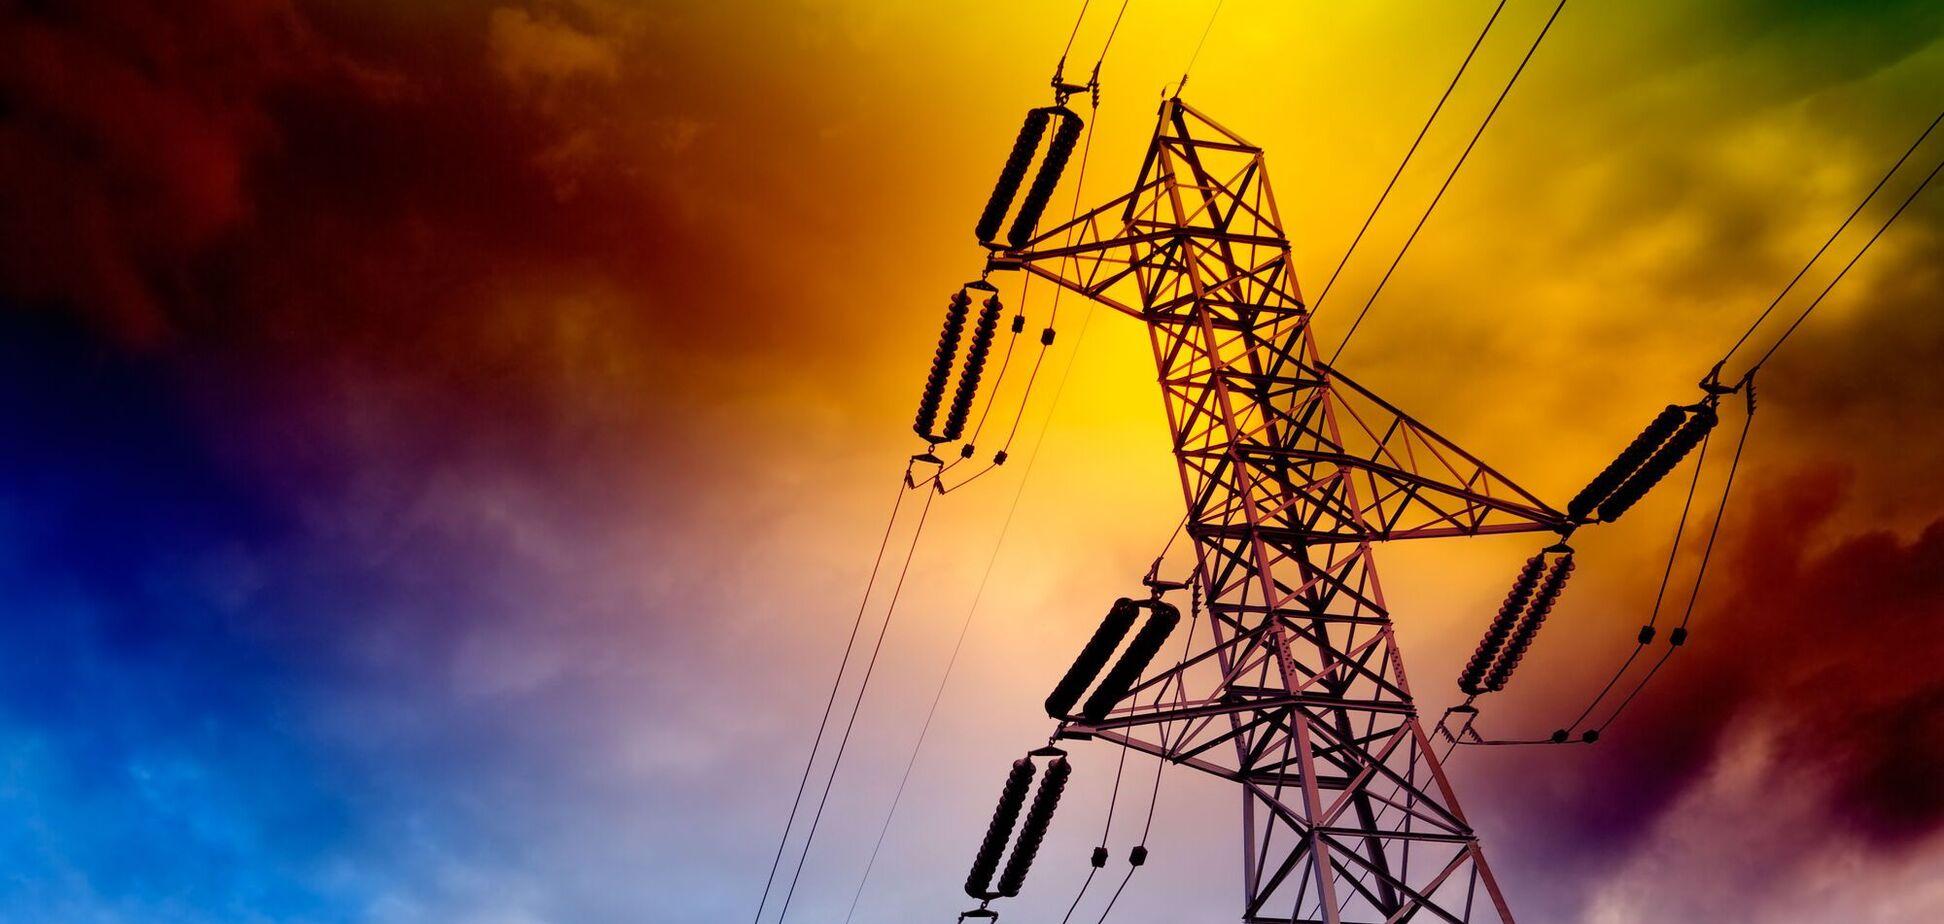 В Украине есть проблемы с импортом электроэнергии из Беларуси и РФ